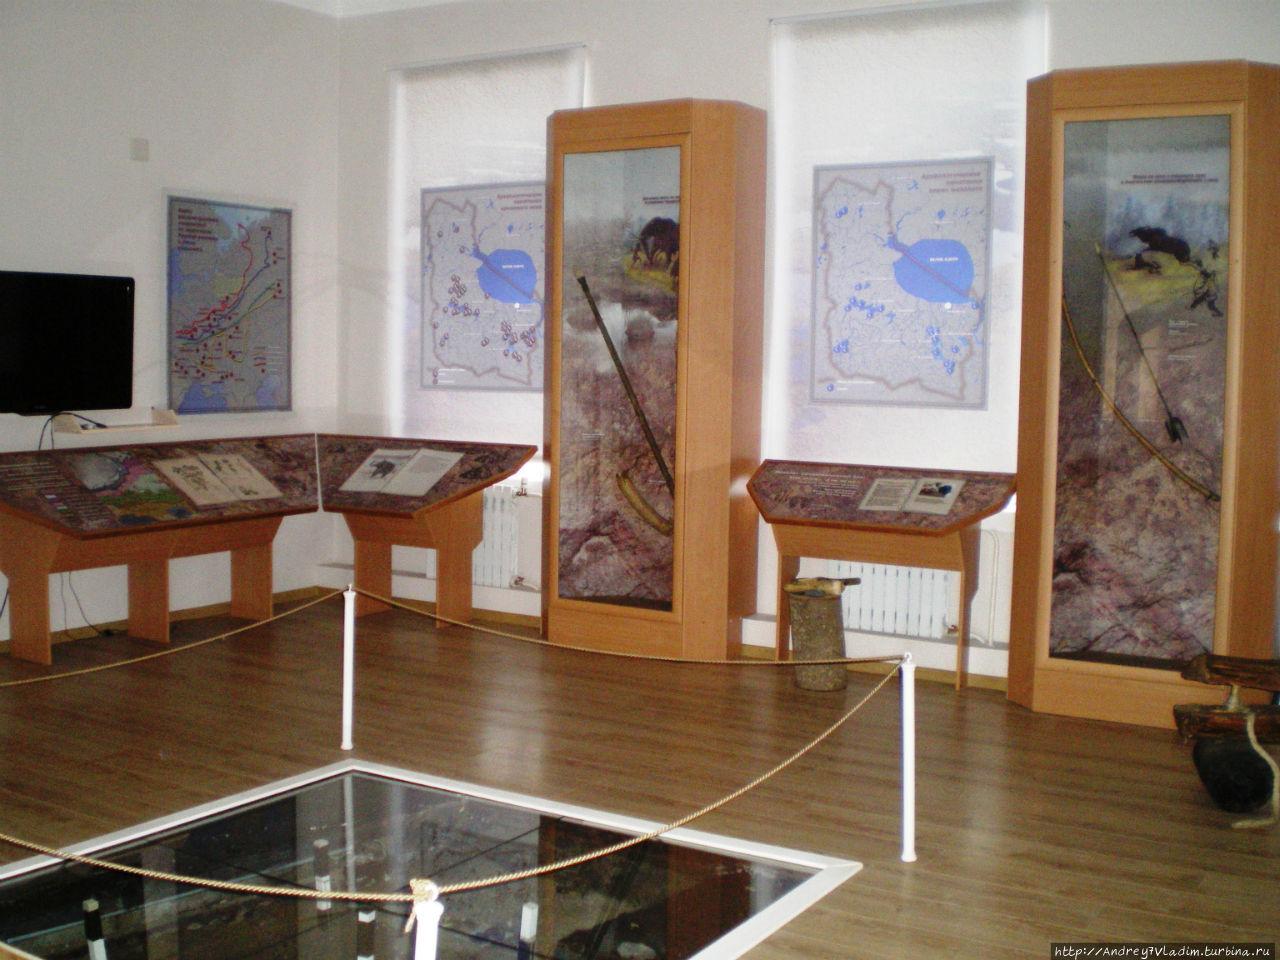 1 зал экспозиции Белозерск исторический. Здесь можно научиться добывать огонь трением и поучаствовать в археологических раскопках